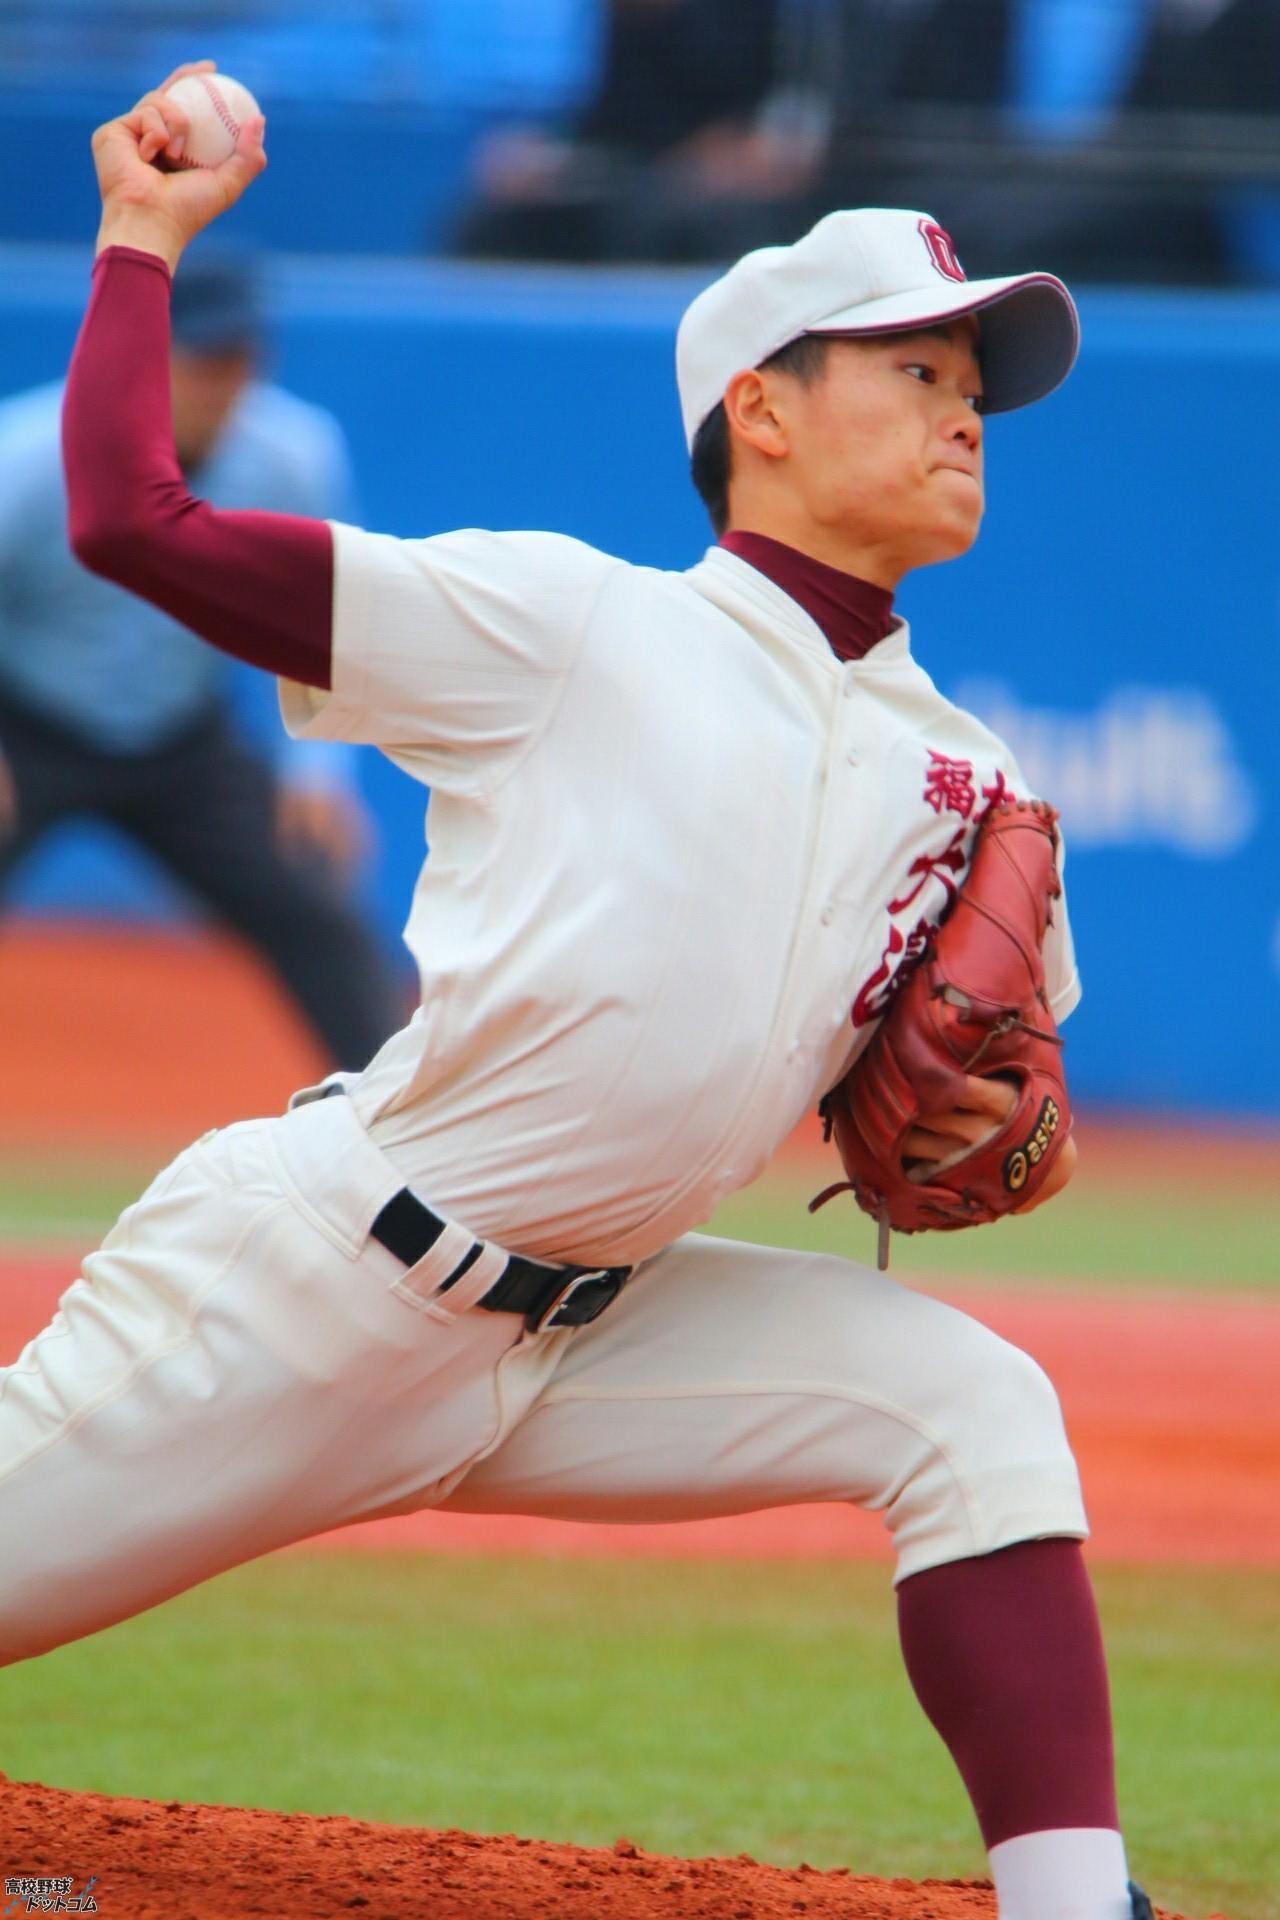 選抜ベスト8に導いた福岡大大濠・三浦銀二の成長の軌跡を追う